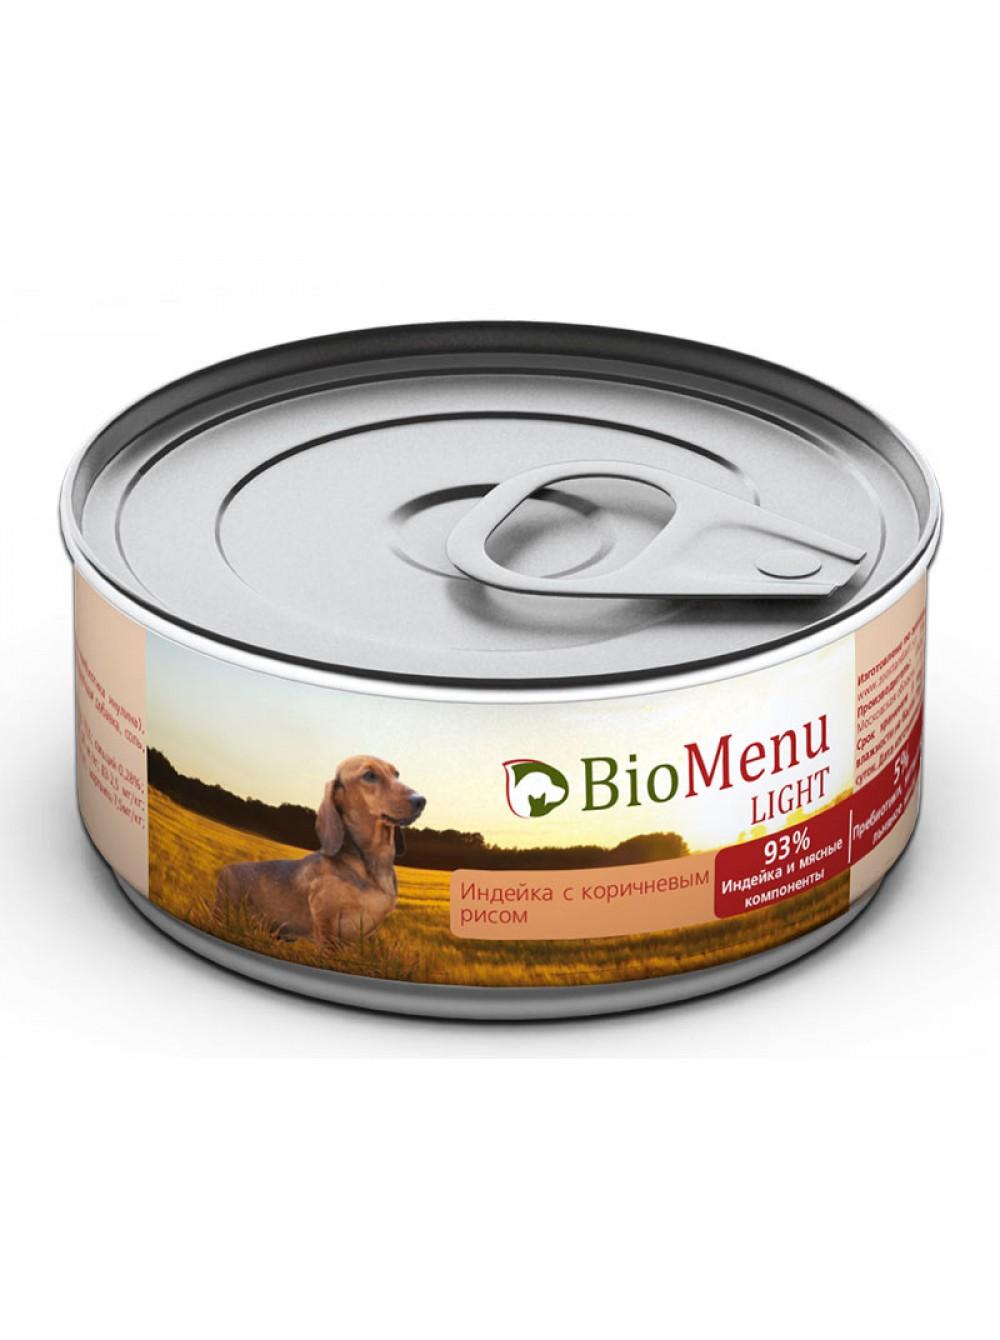 БиоМеню Консервы Light для взрослых собак с избыточным весом, Индейка/Коричневый рис, в ассортименте, BioMenu